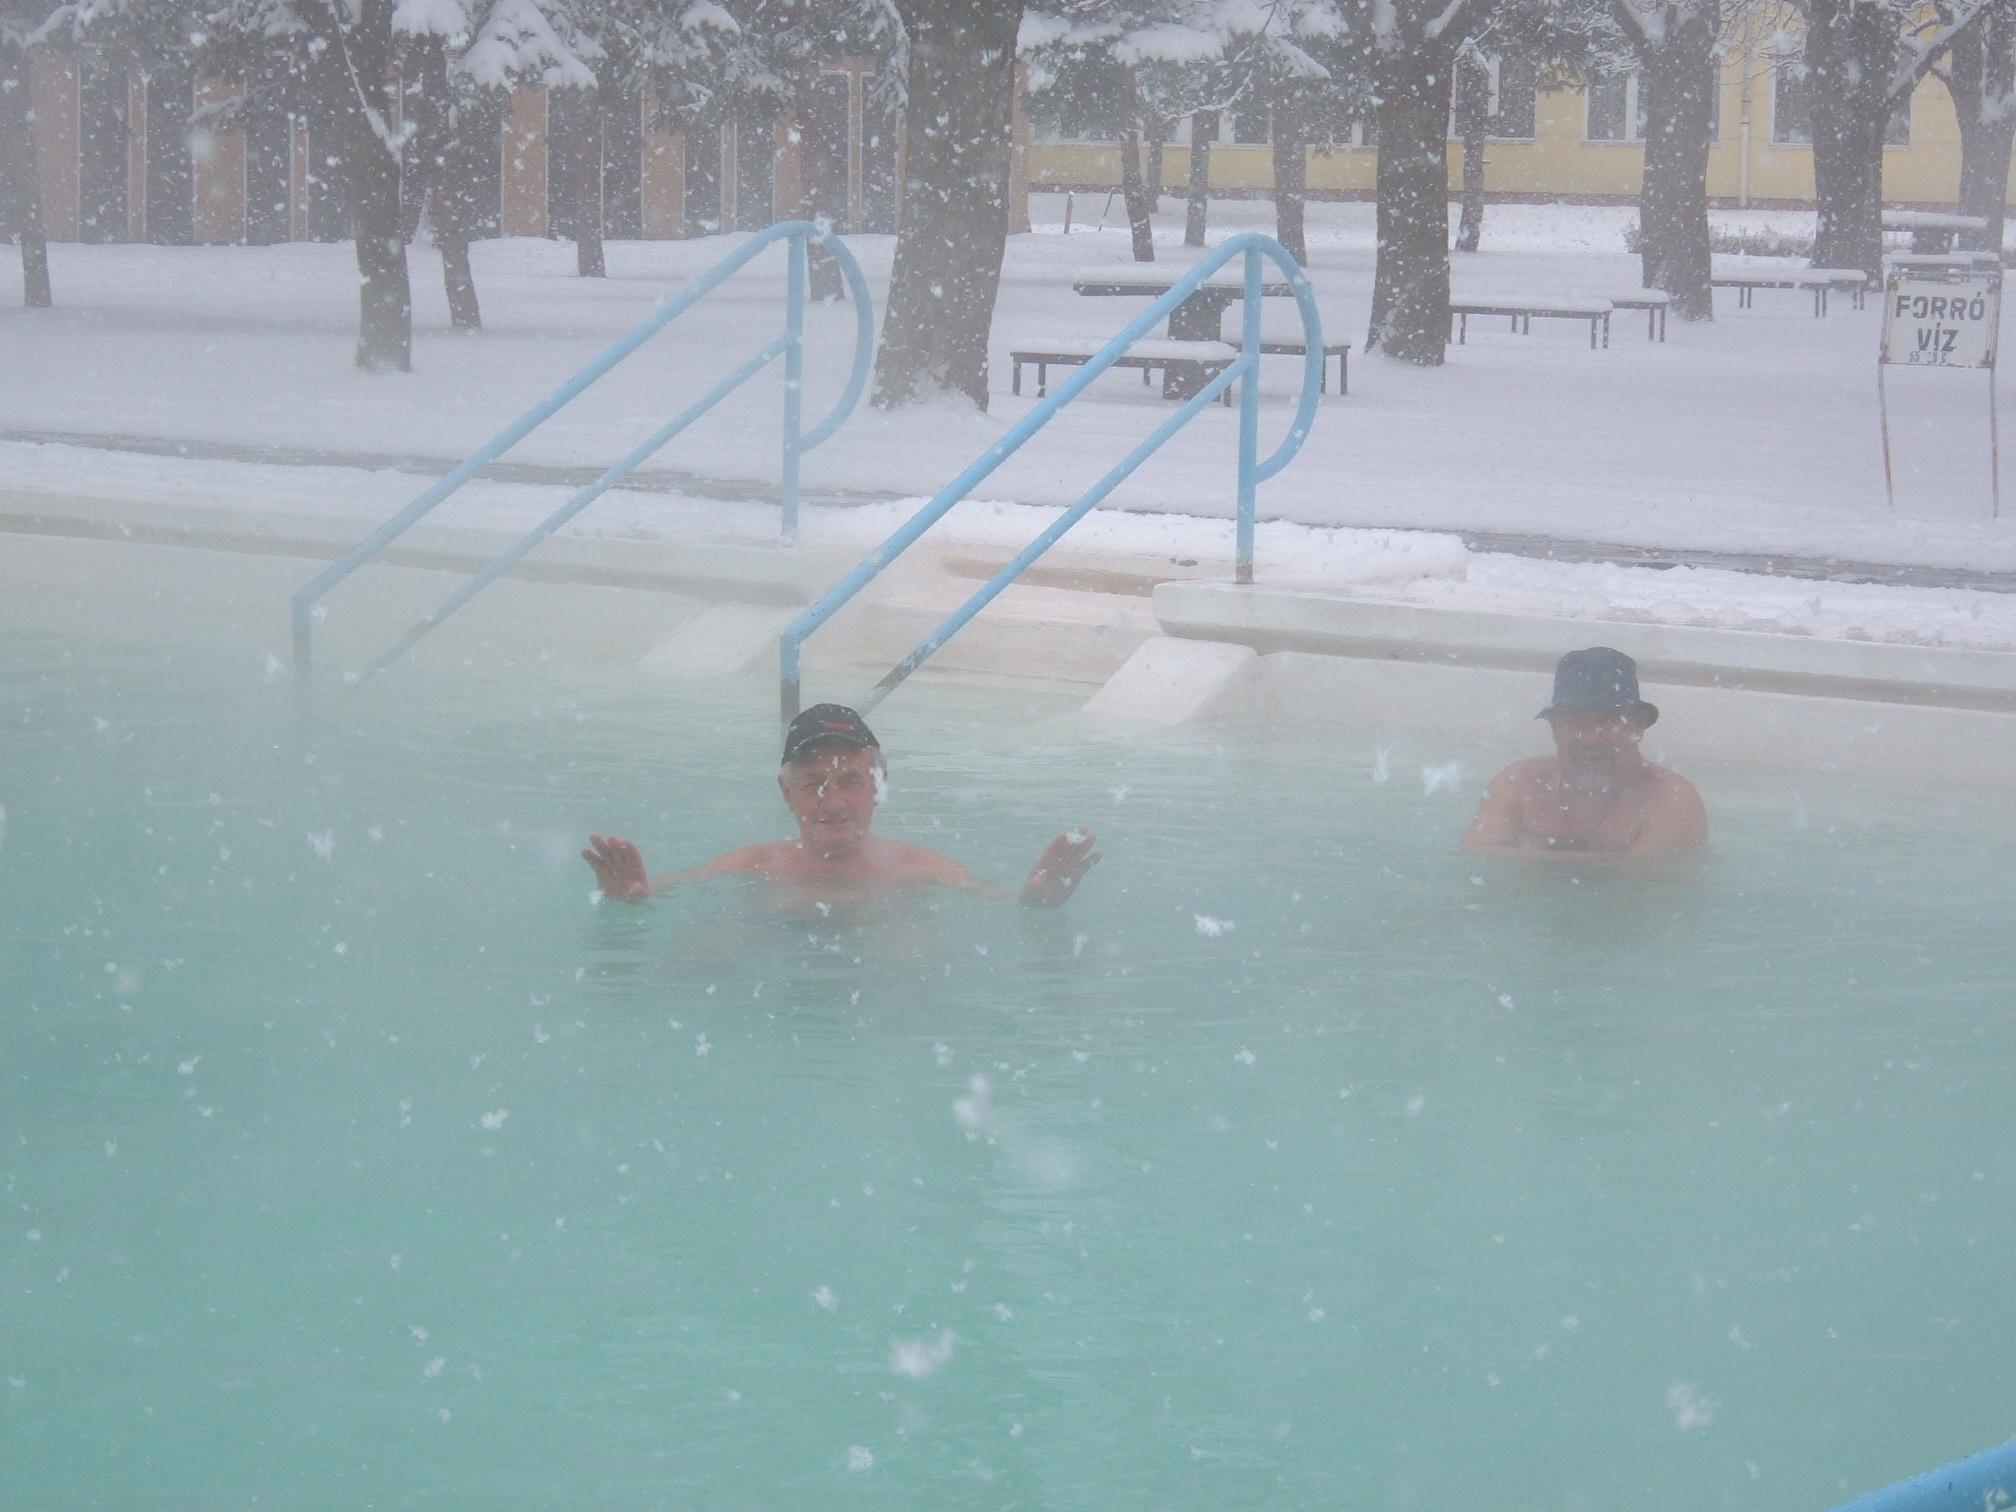 Kuren terwijl het sneeuwt (Bogács- noordoost Hongarije)